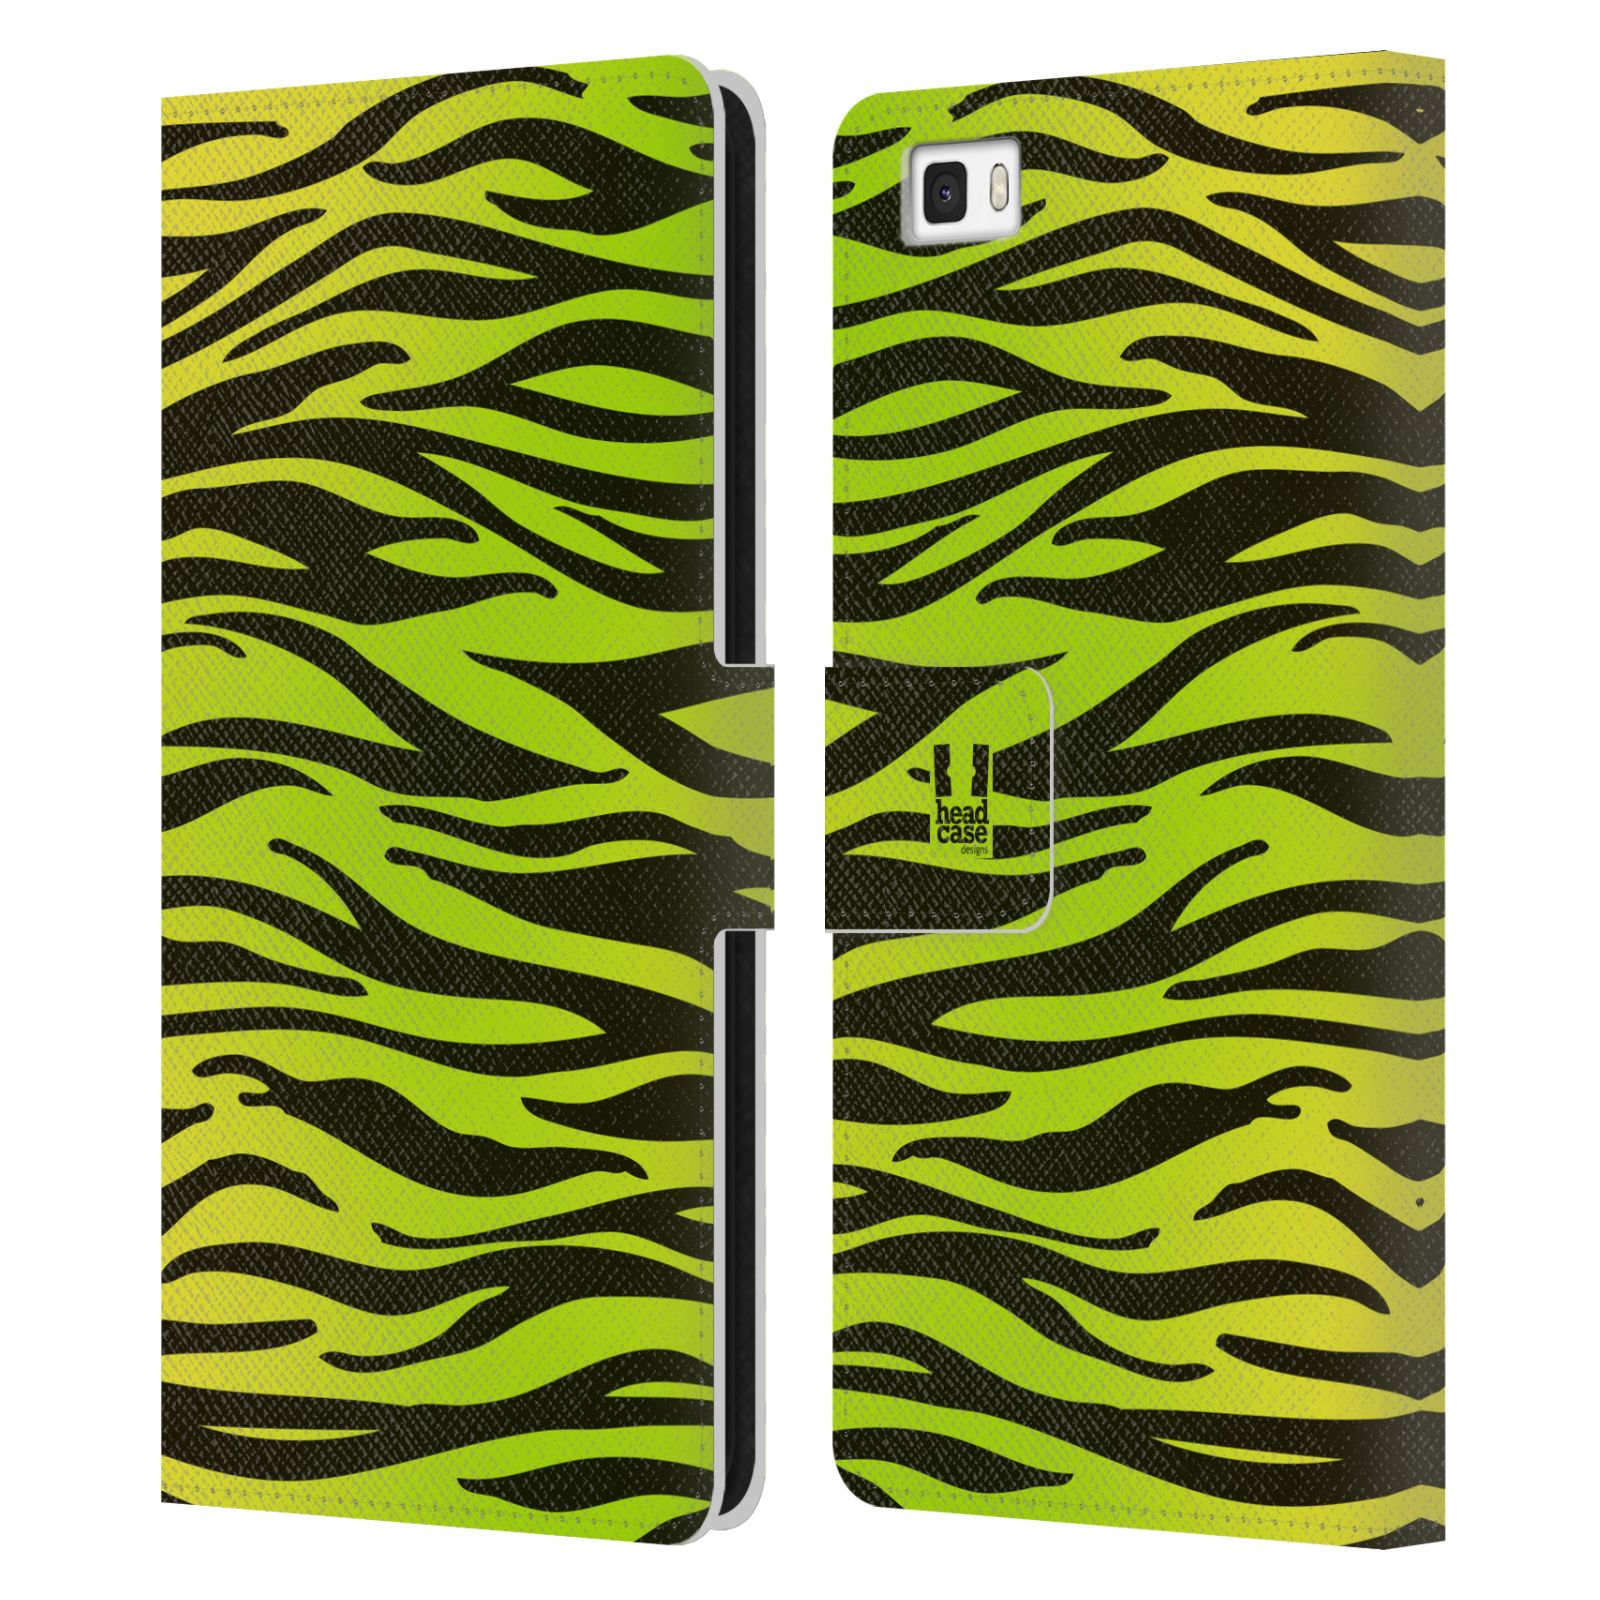 HEAD CASE Flipové pouzdro pro mobil Huawei P8 LITE Zvířecí barevné vzory žlutozelená zebra